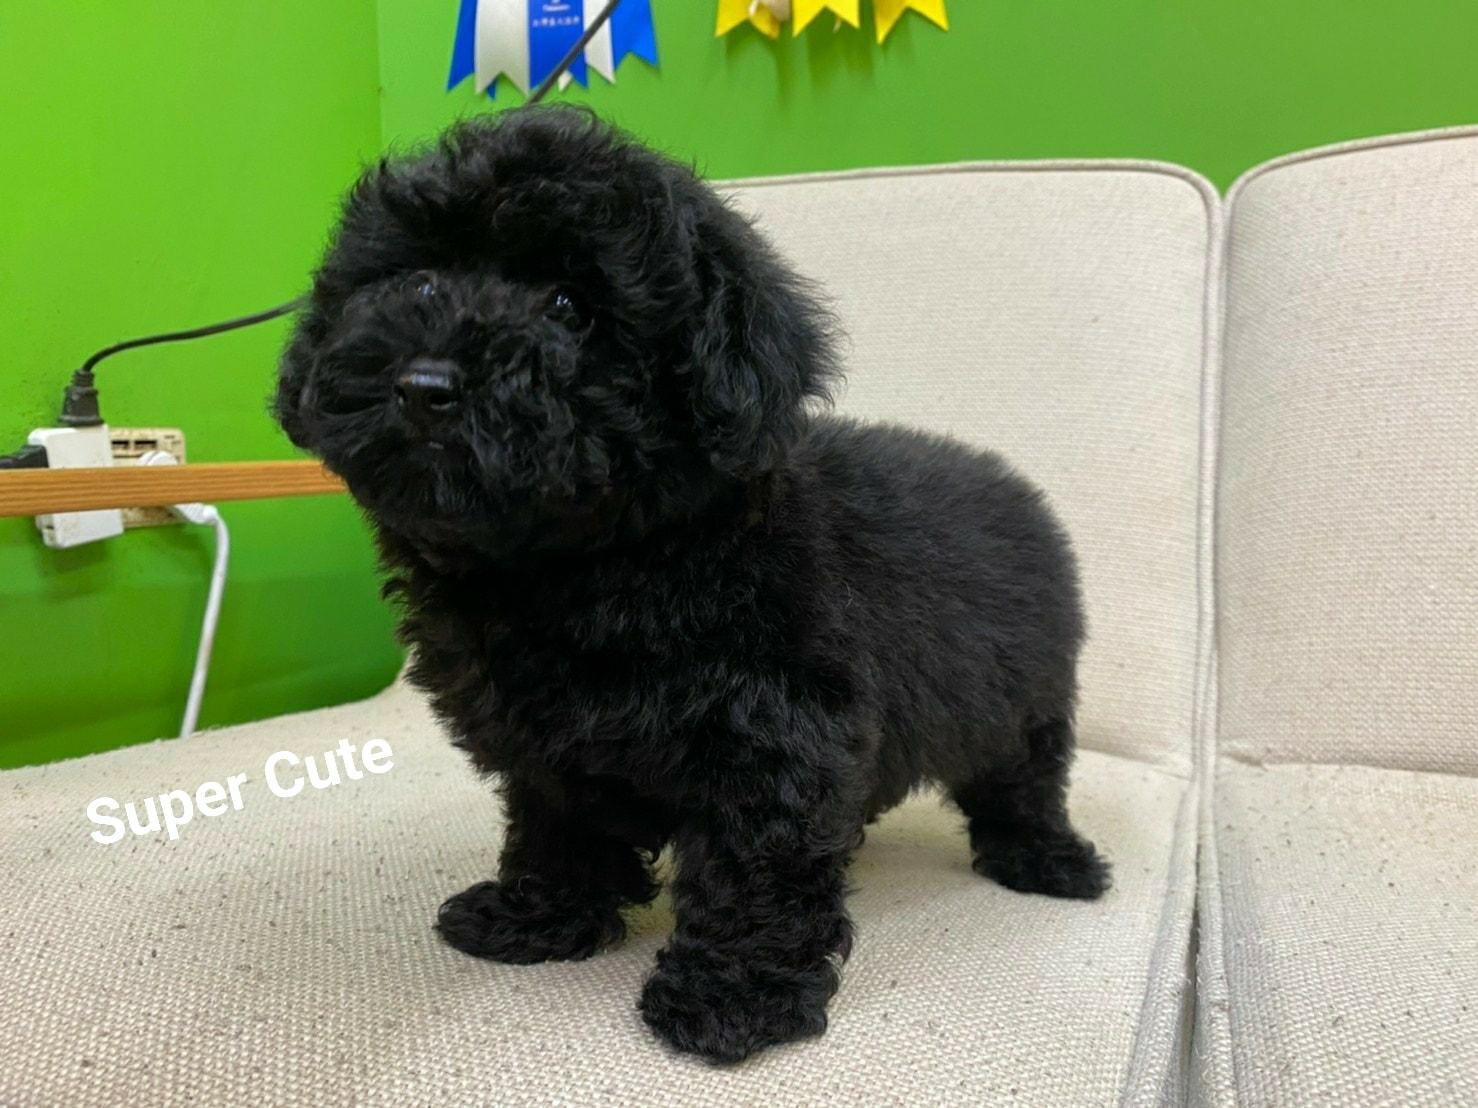 超可愛名犬社/超可愛的黑貴賓寶寶